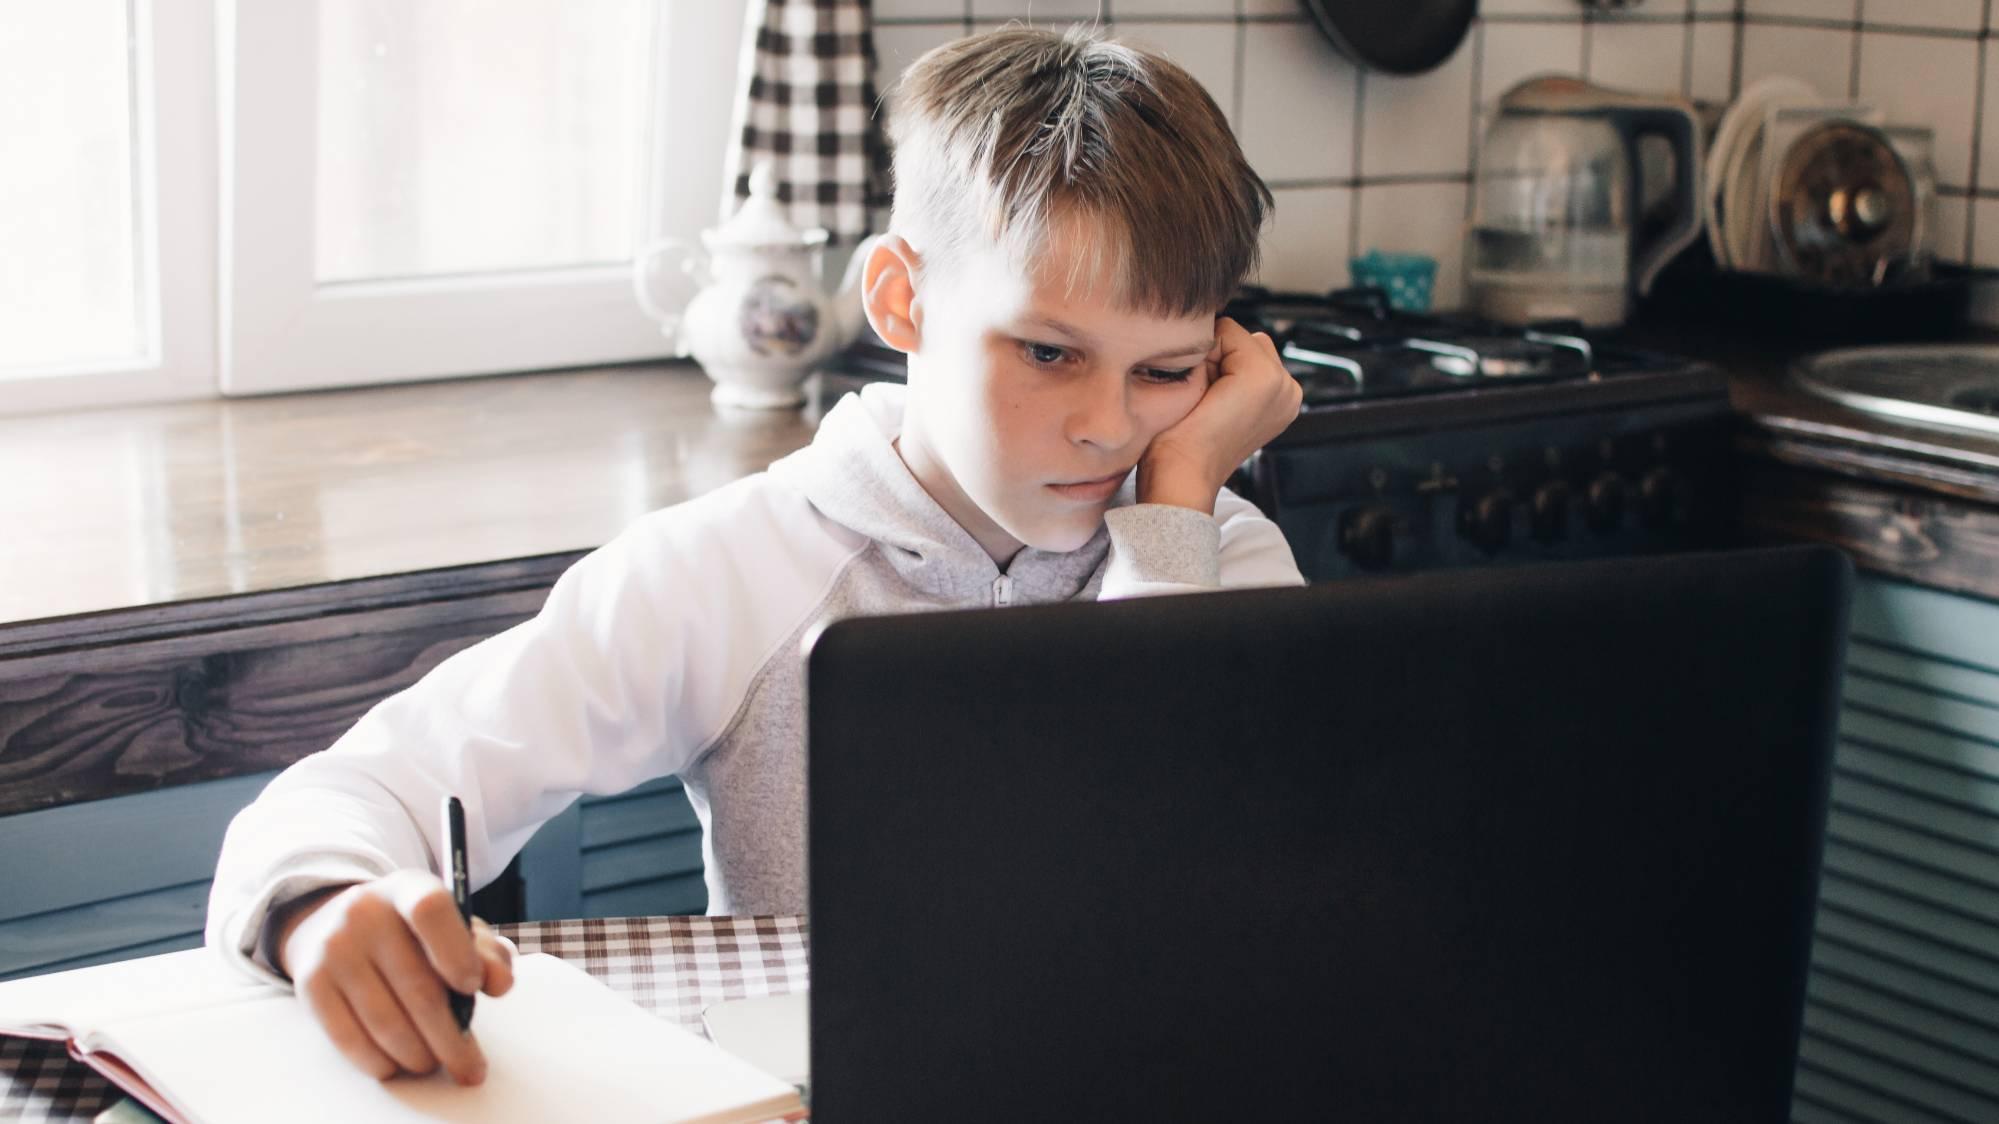 Никаких уроков. Эксперты объяснили, почему не нужно заставлять детей учиться на каникулах